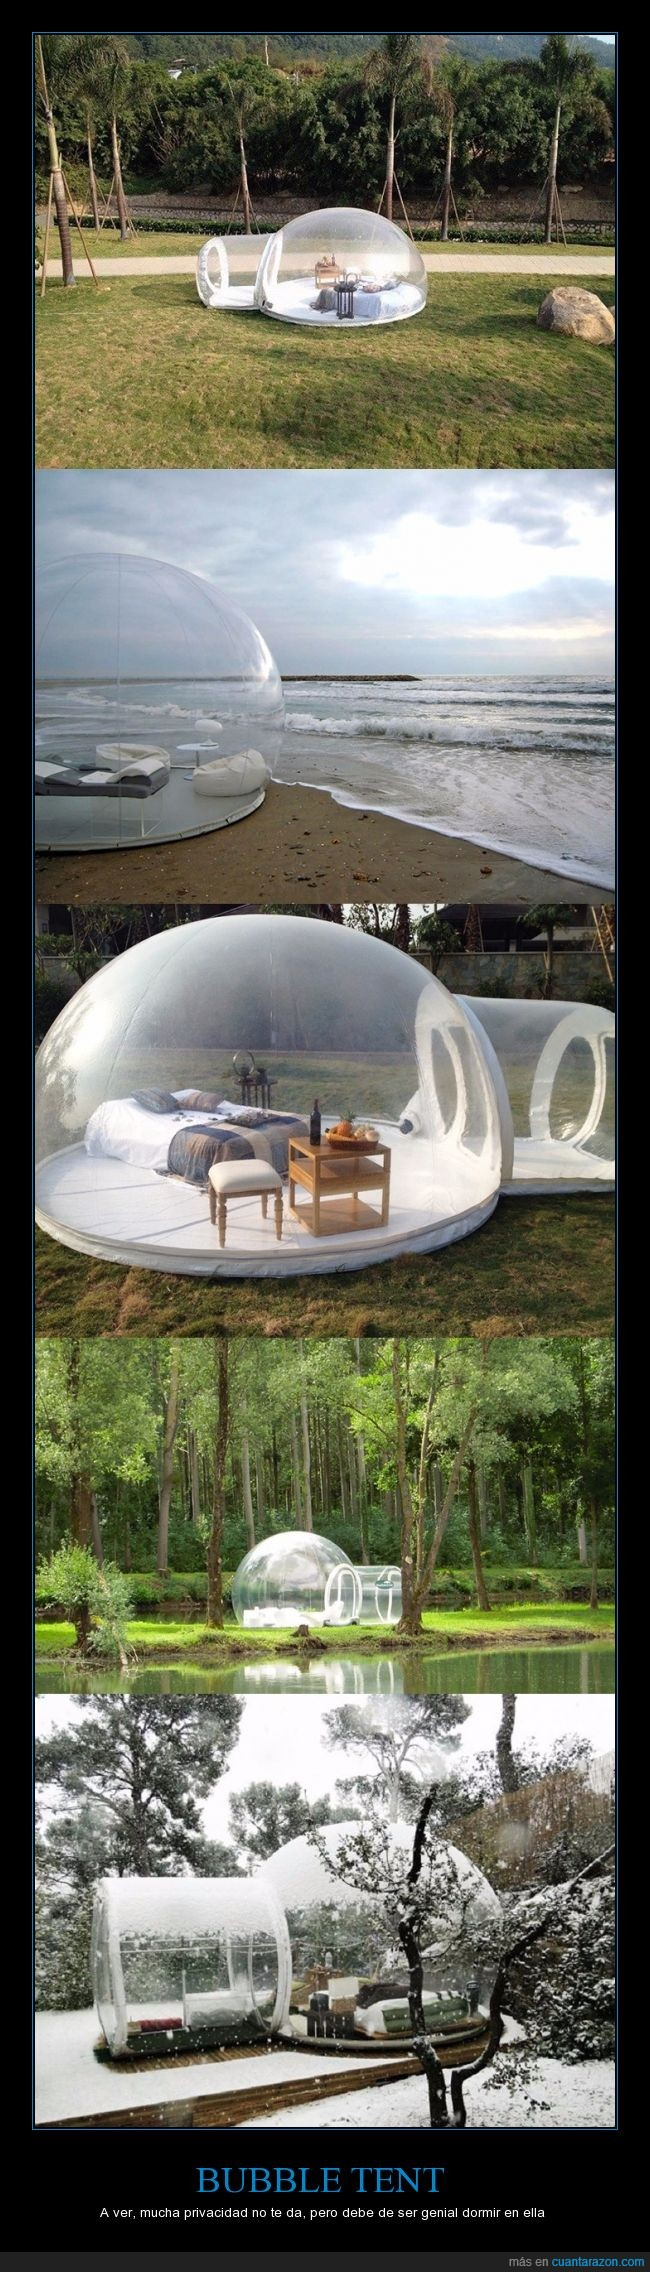 Bubble tent,campaña,dormir,iglu,tienda,transparente